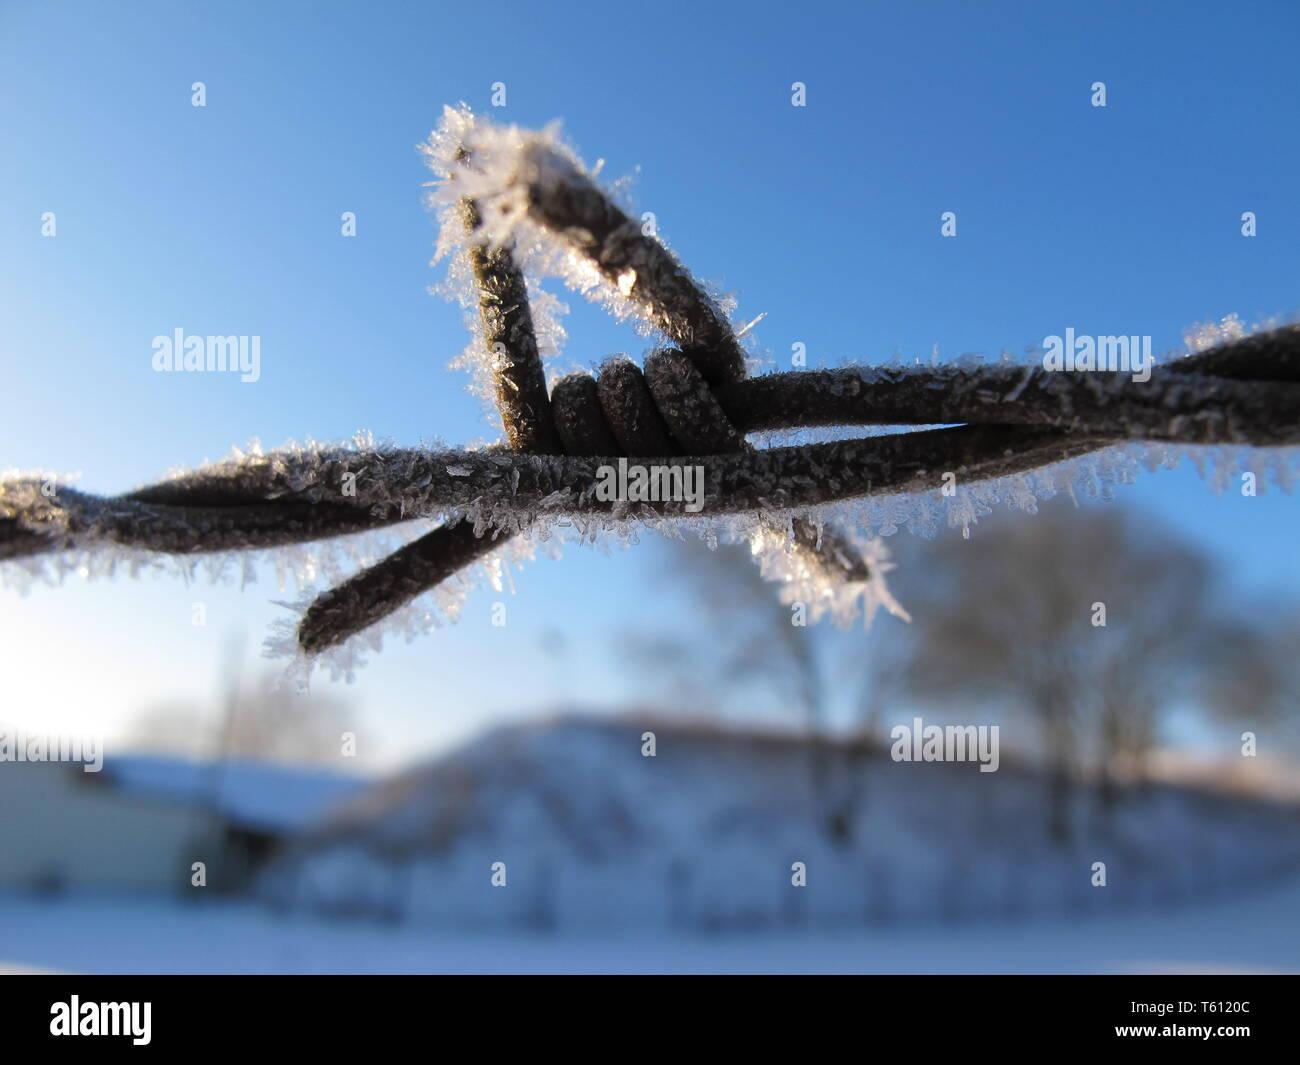 Ein Frost bedeckt Stacheldraht zaun vor einem blauen Himmel Stockfoto